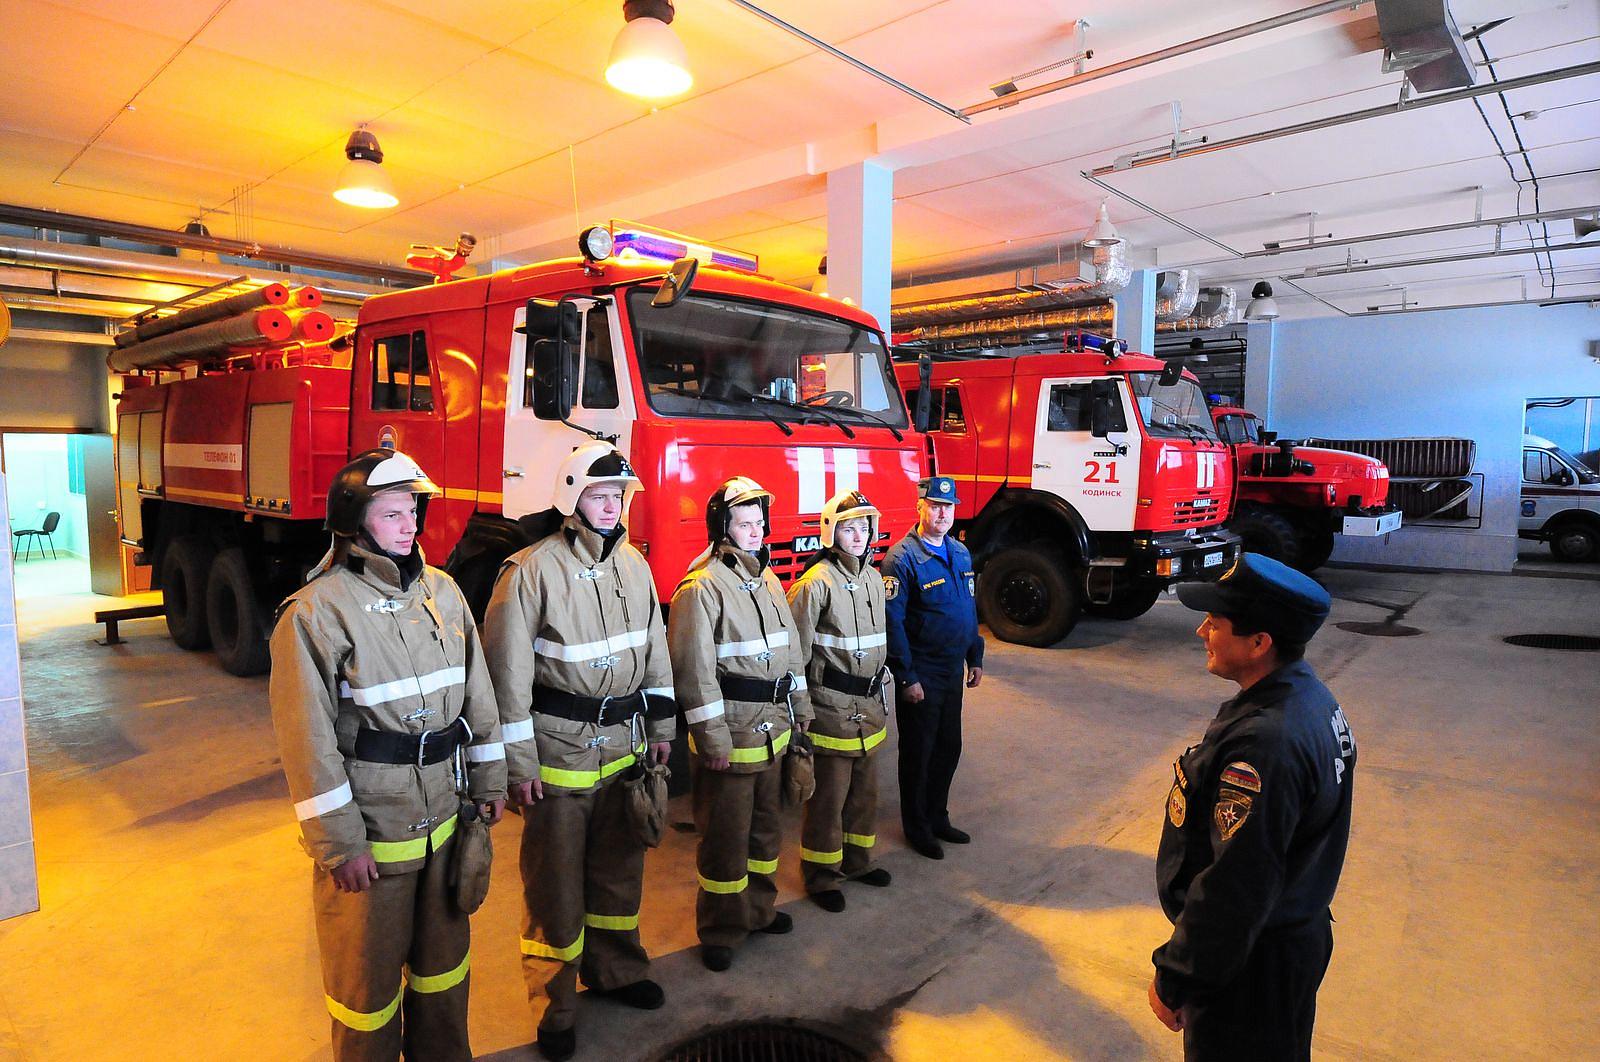 строительства новые штаты пожарных частей знак Воздуха, управляется